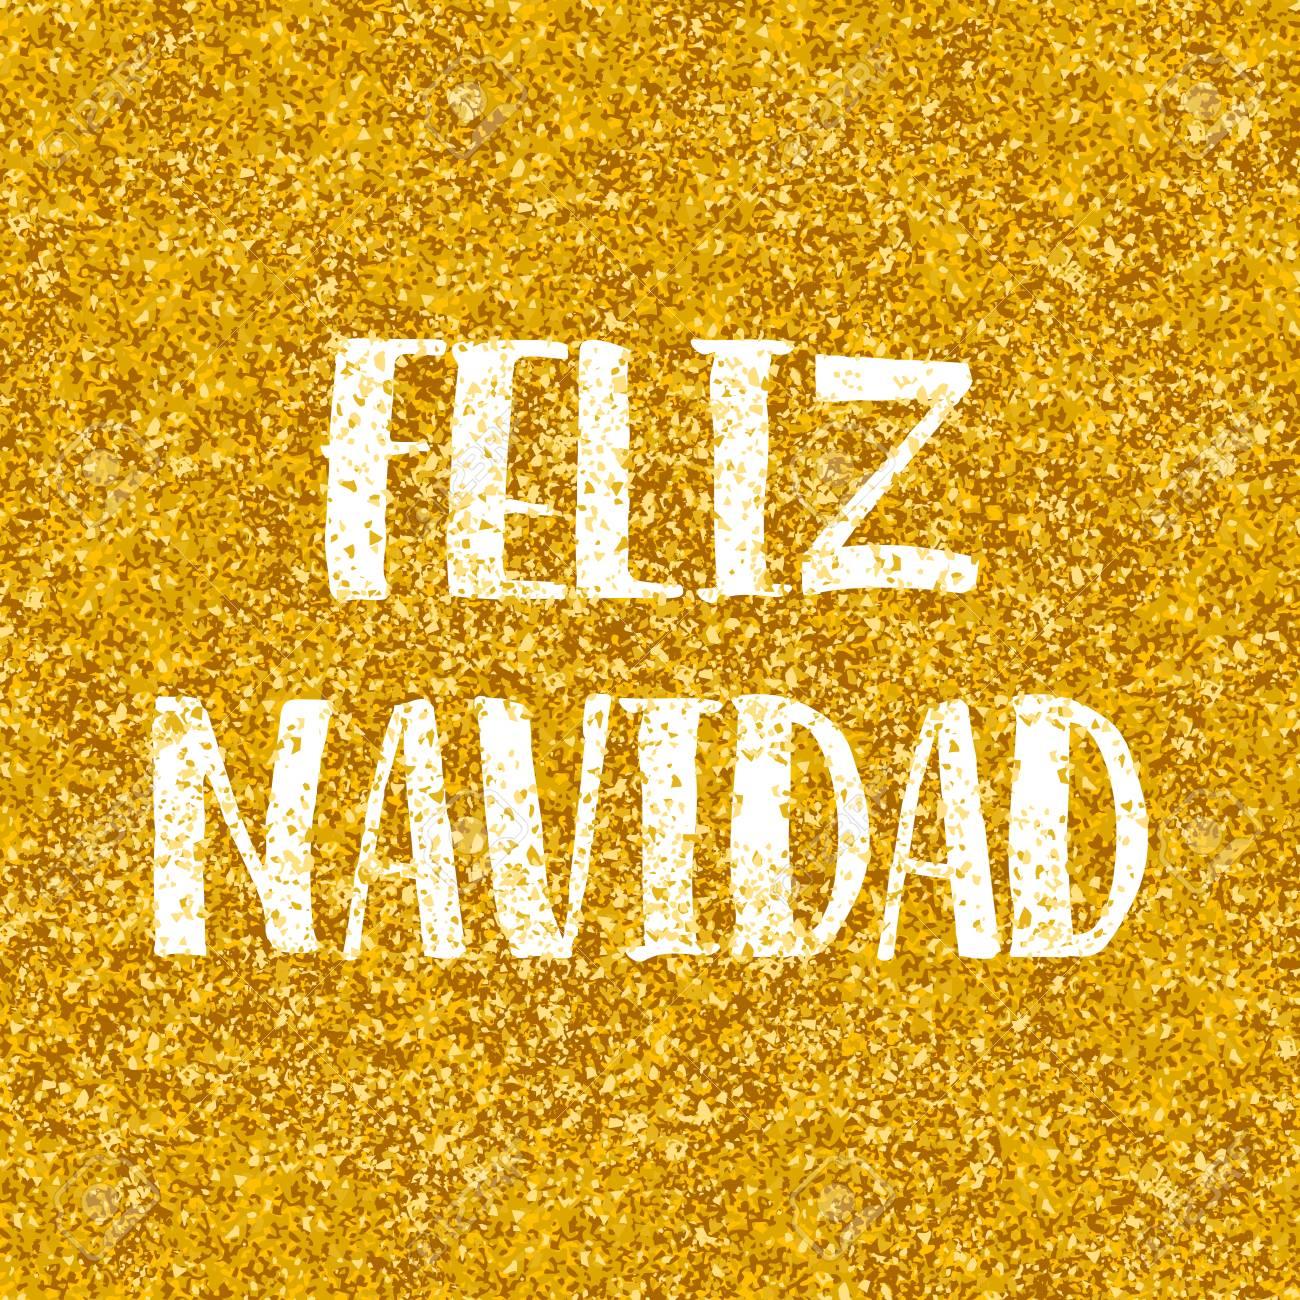 Christmas Wishes In Spanish.Feliz Navidad Merry Christmas Wishes In Spanish Vector Card With